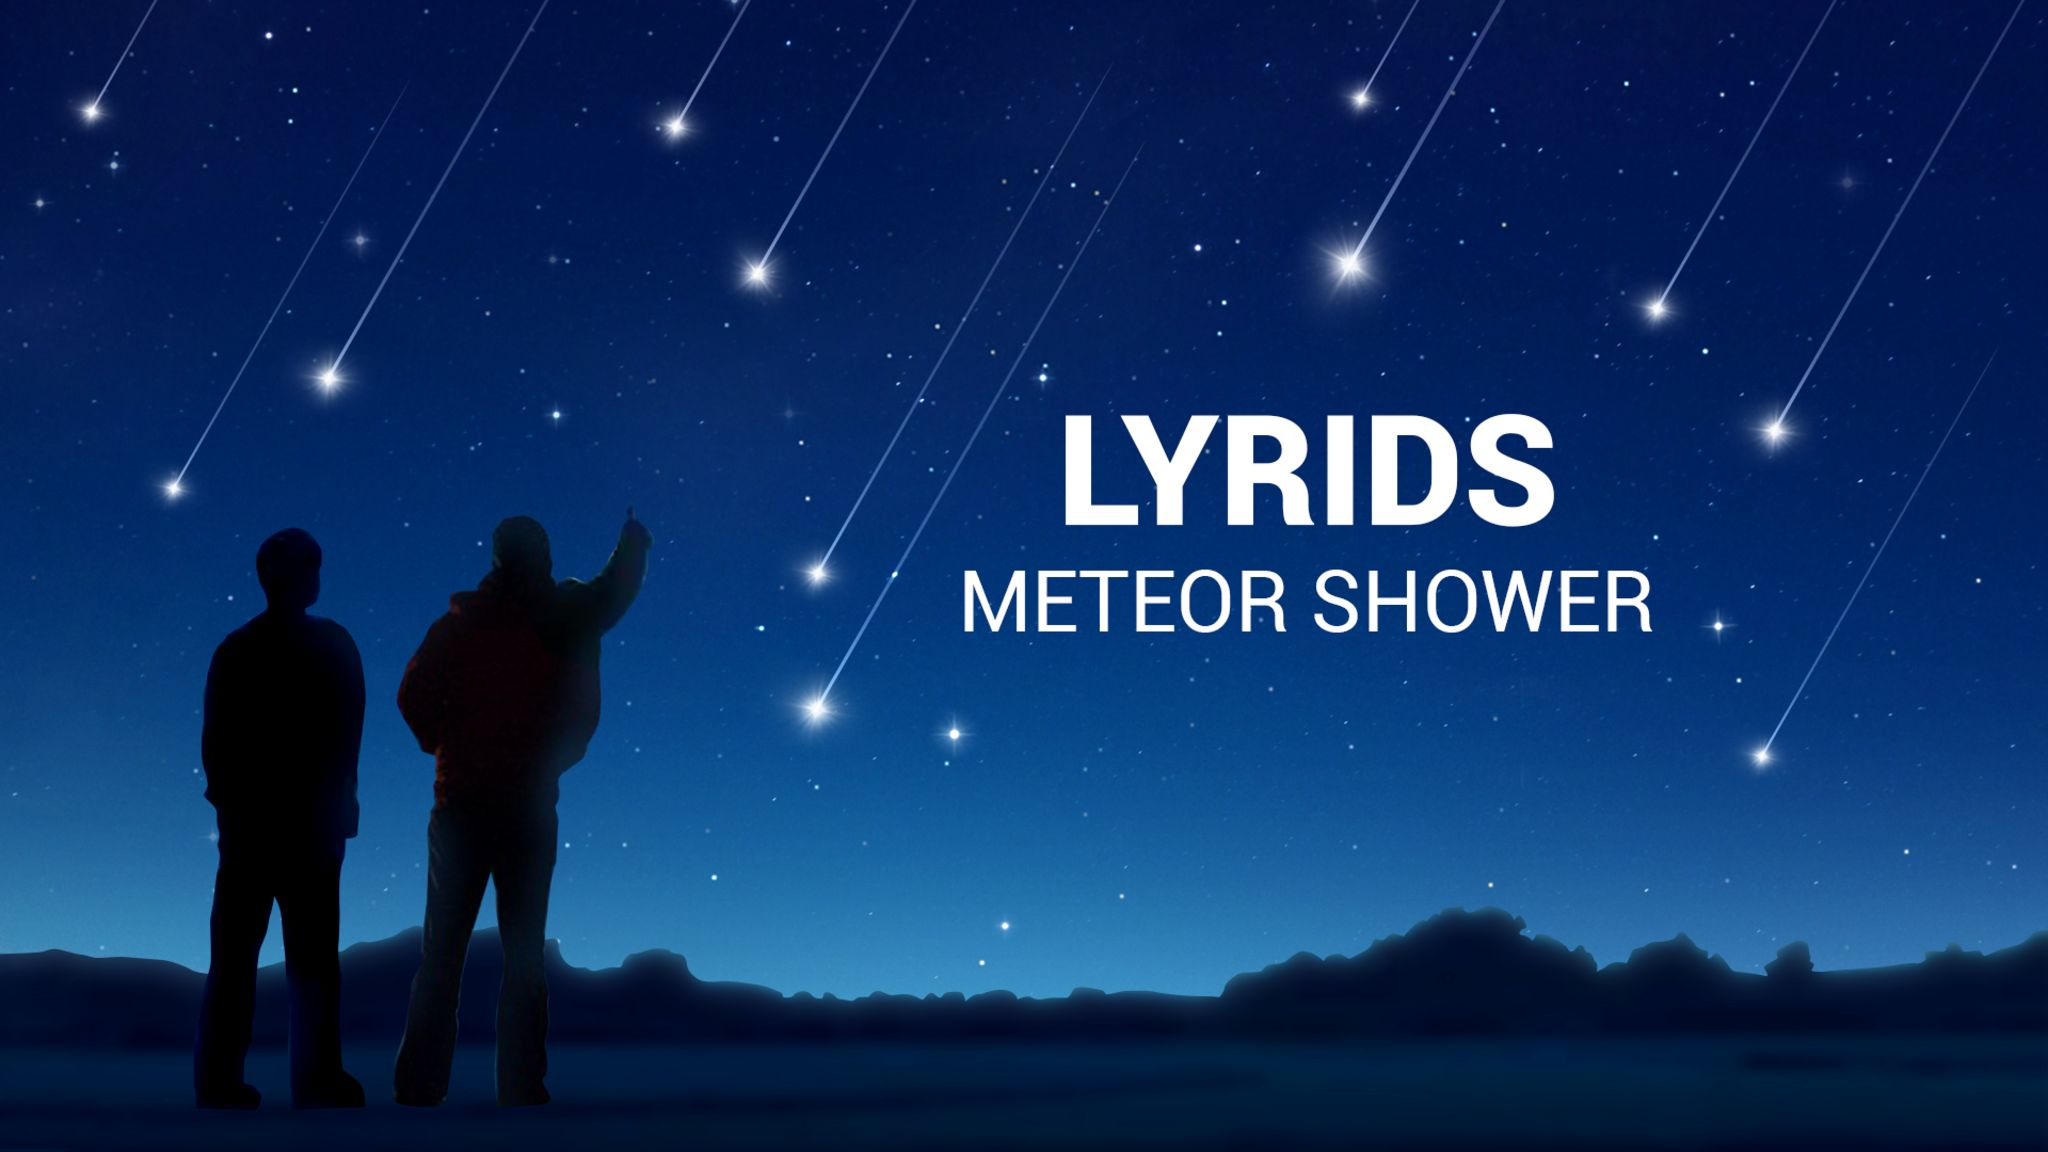 Der Lyriden-Meteorschauer